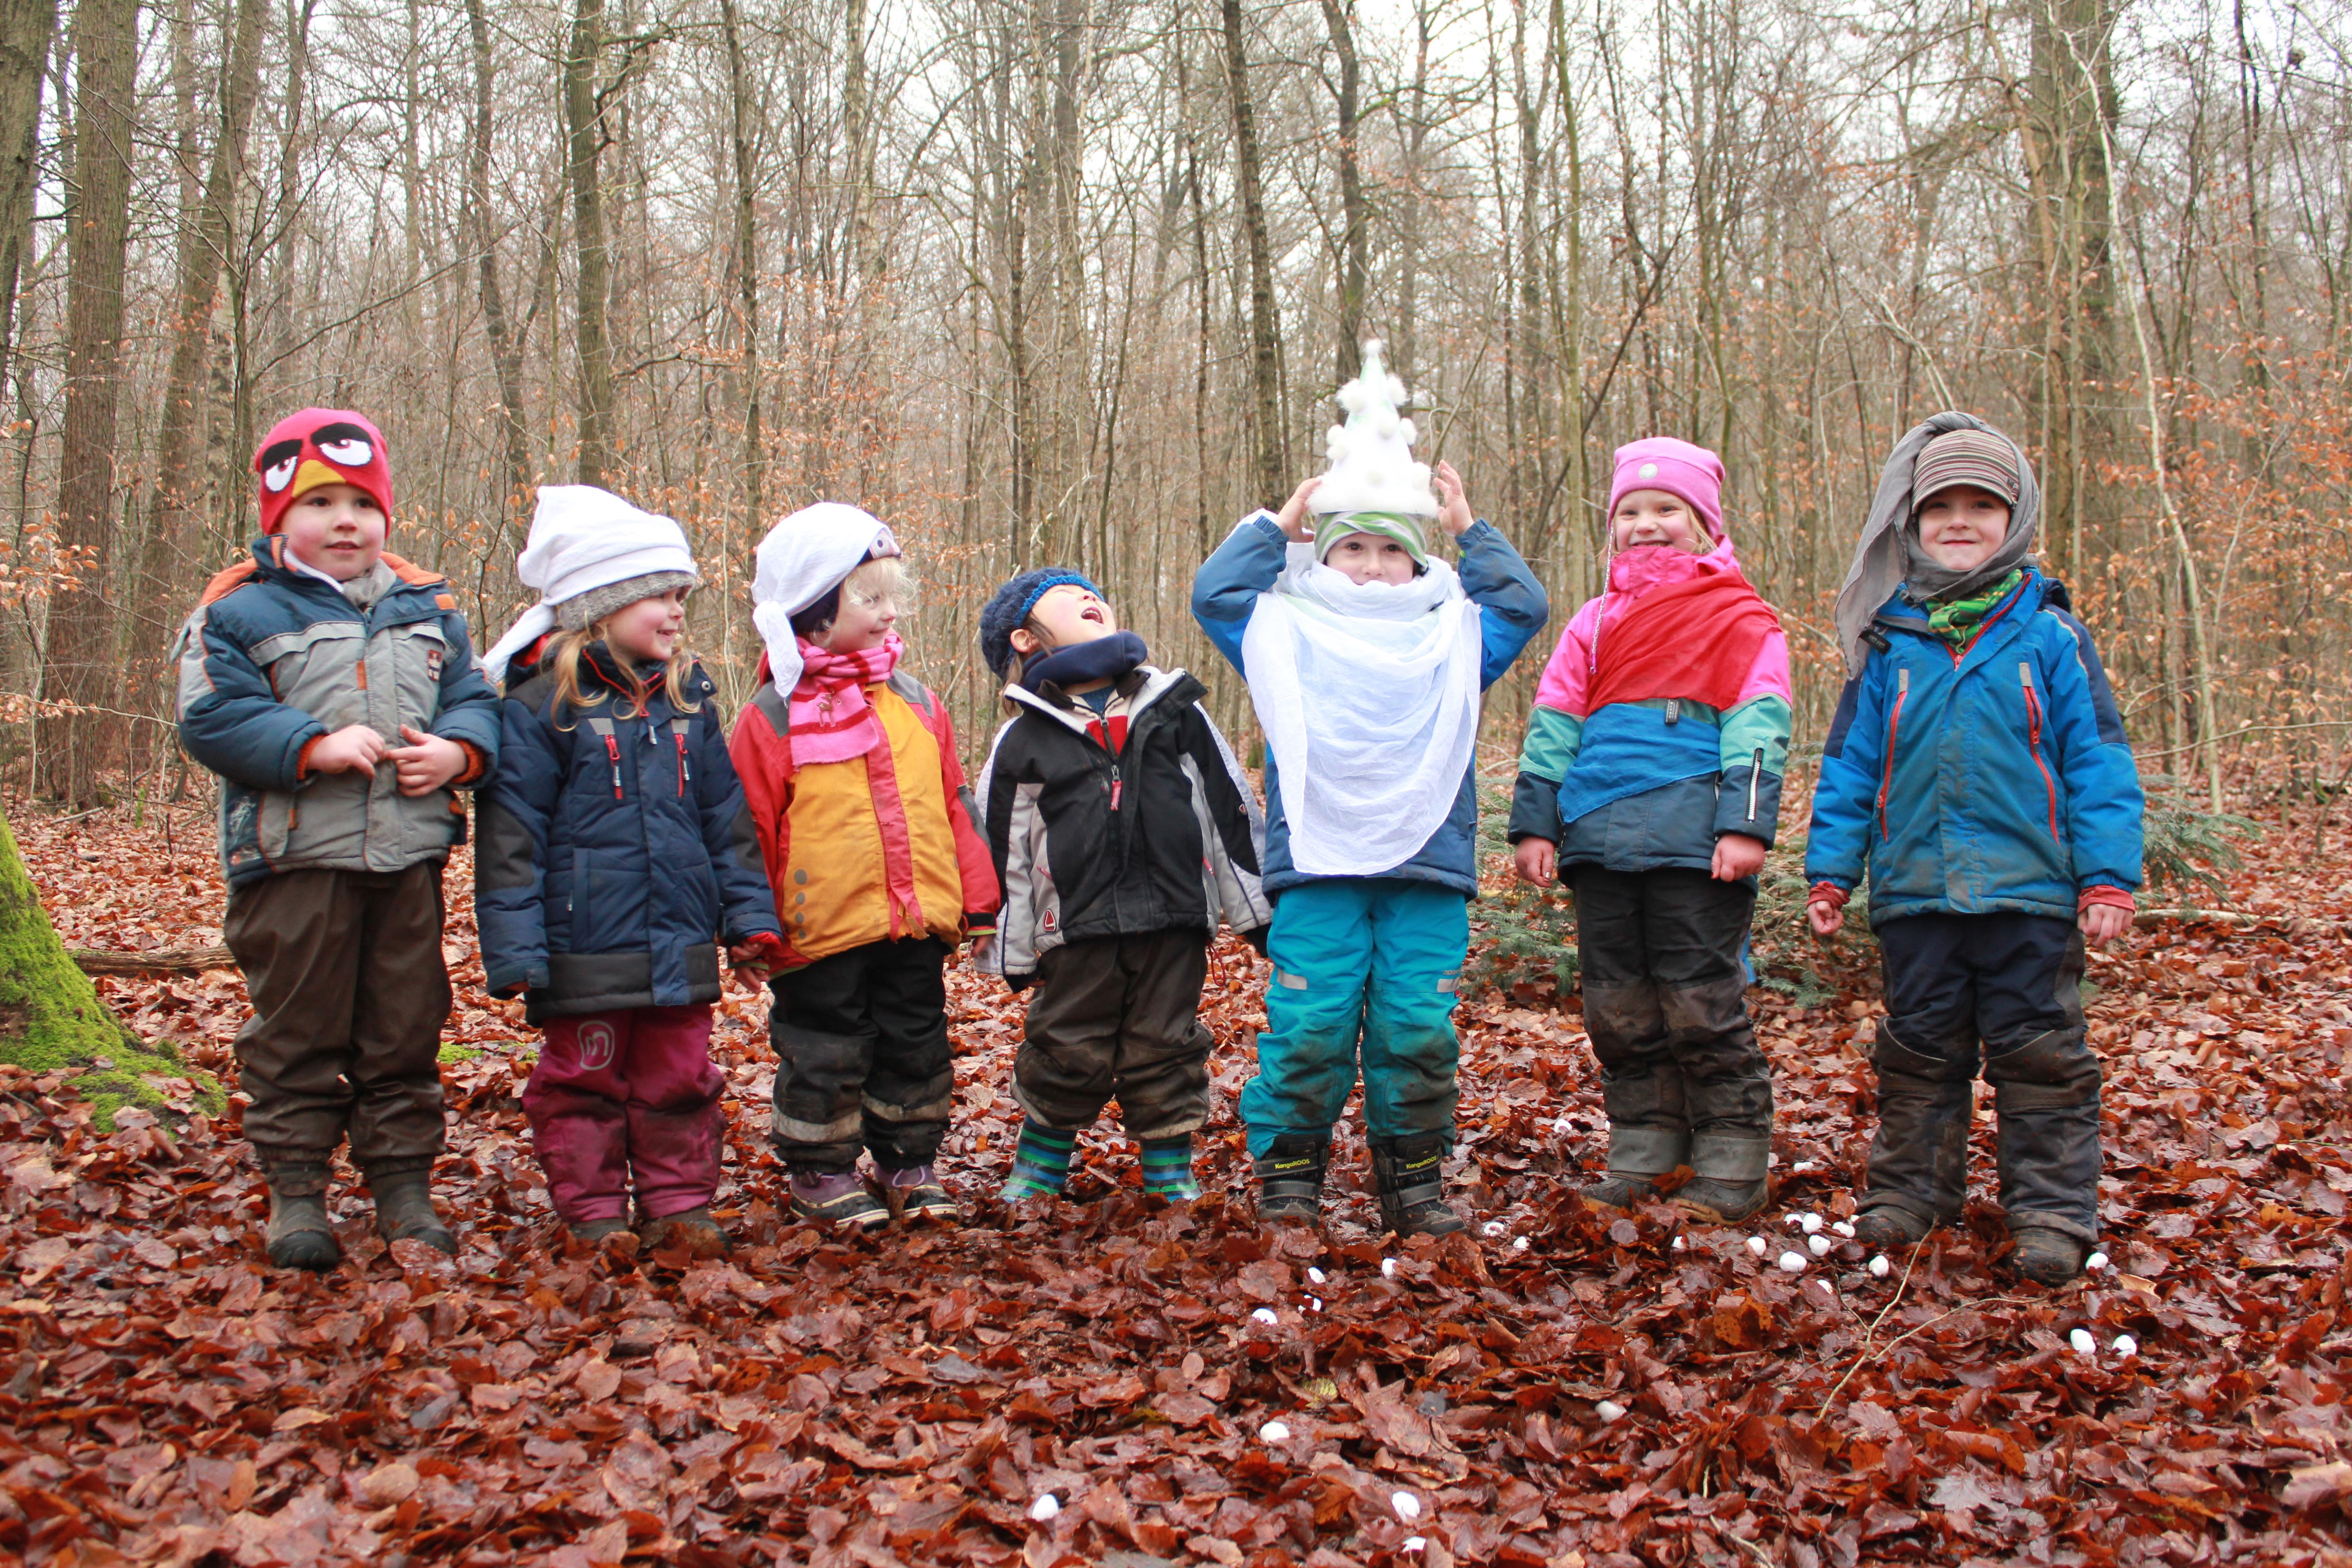 waldameisen_waldkindergarten_berne_weihnachtstheater